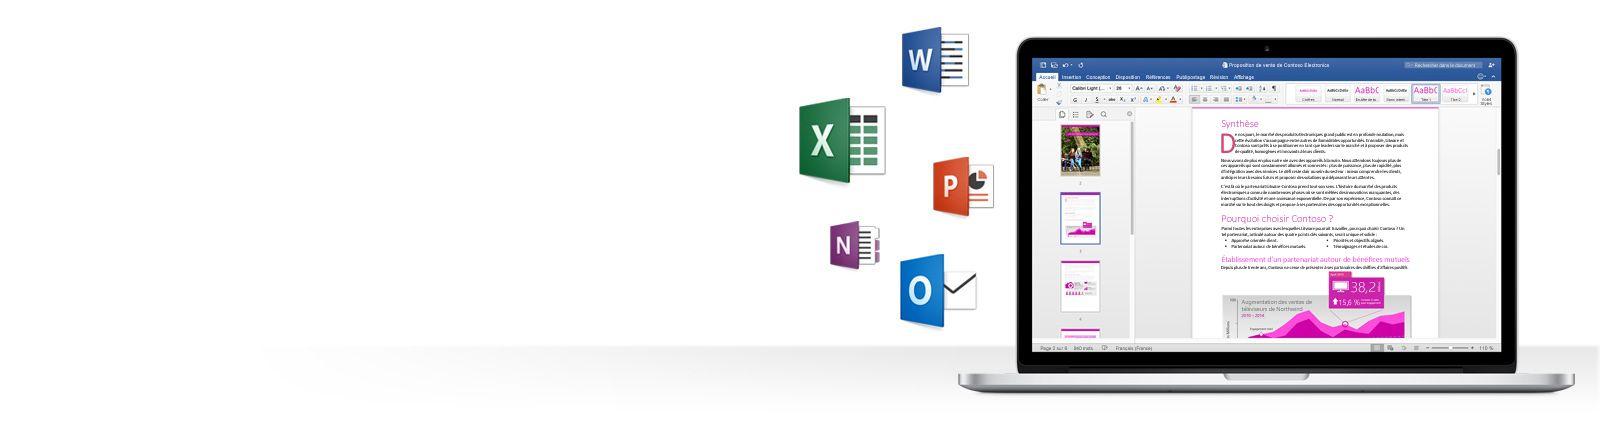 Icônes d'application Office et MacBook montrant un document Word dans le Nouvel Office pour Mac.